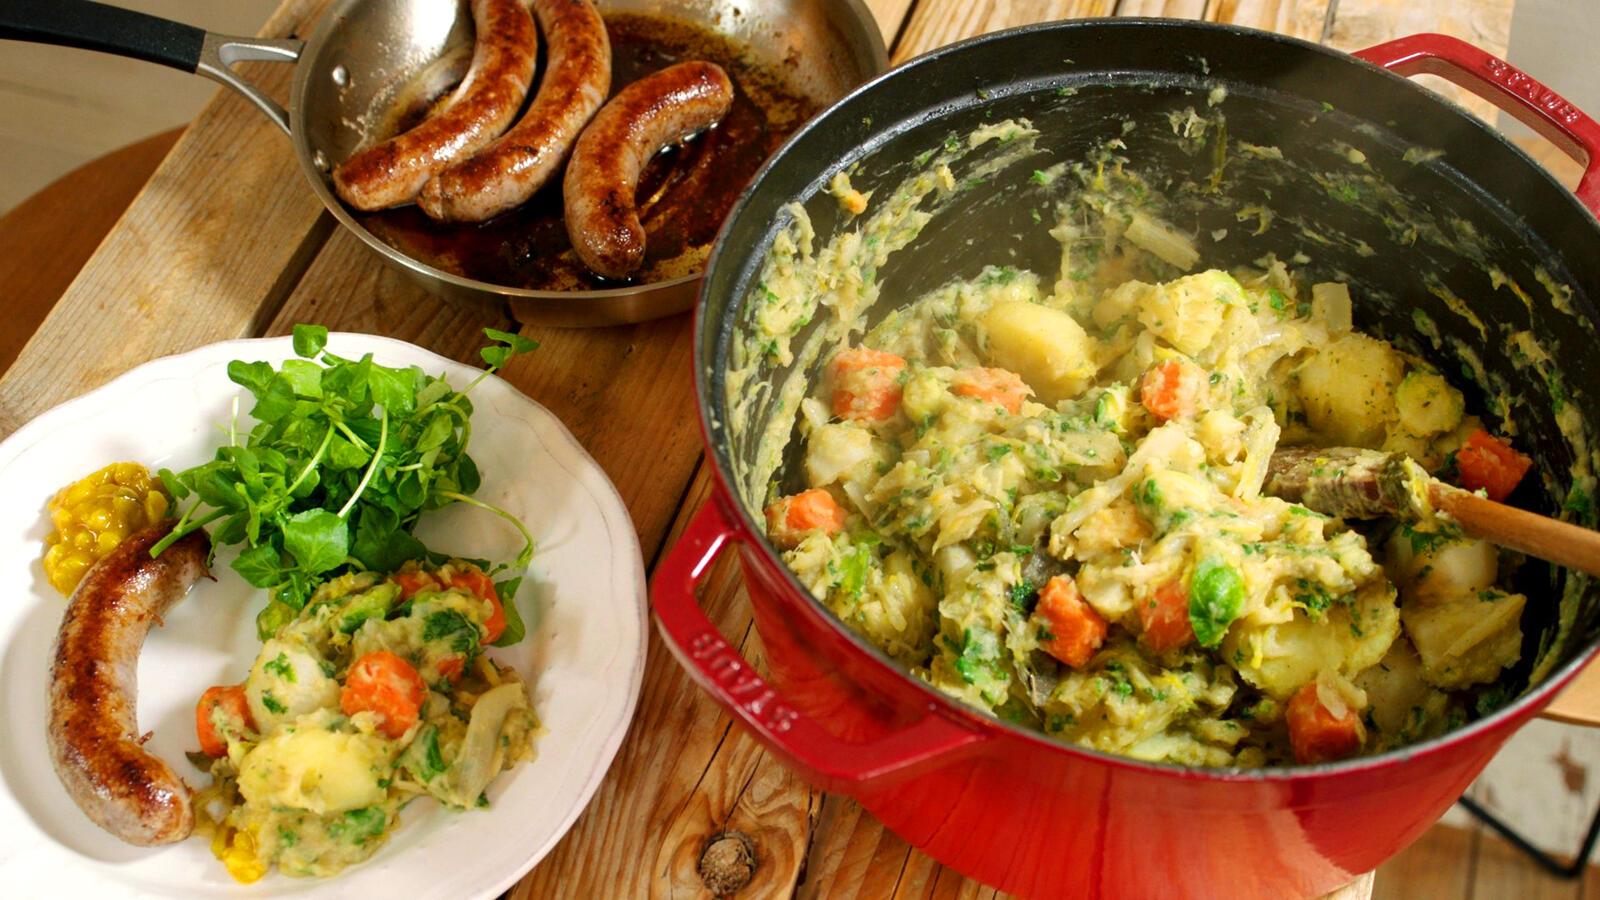 Voorkeur Braadworst met groentehutsepot en pickles | Dagelijkse kost #XT26